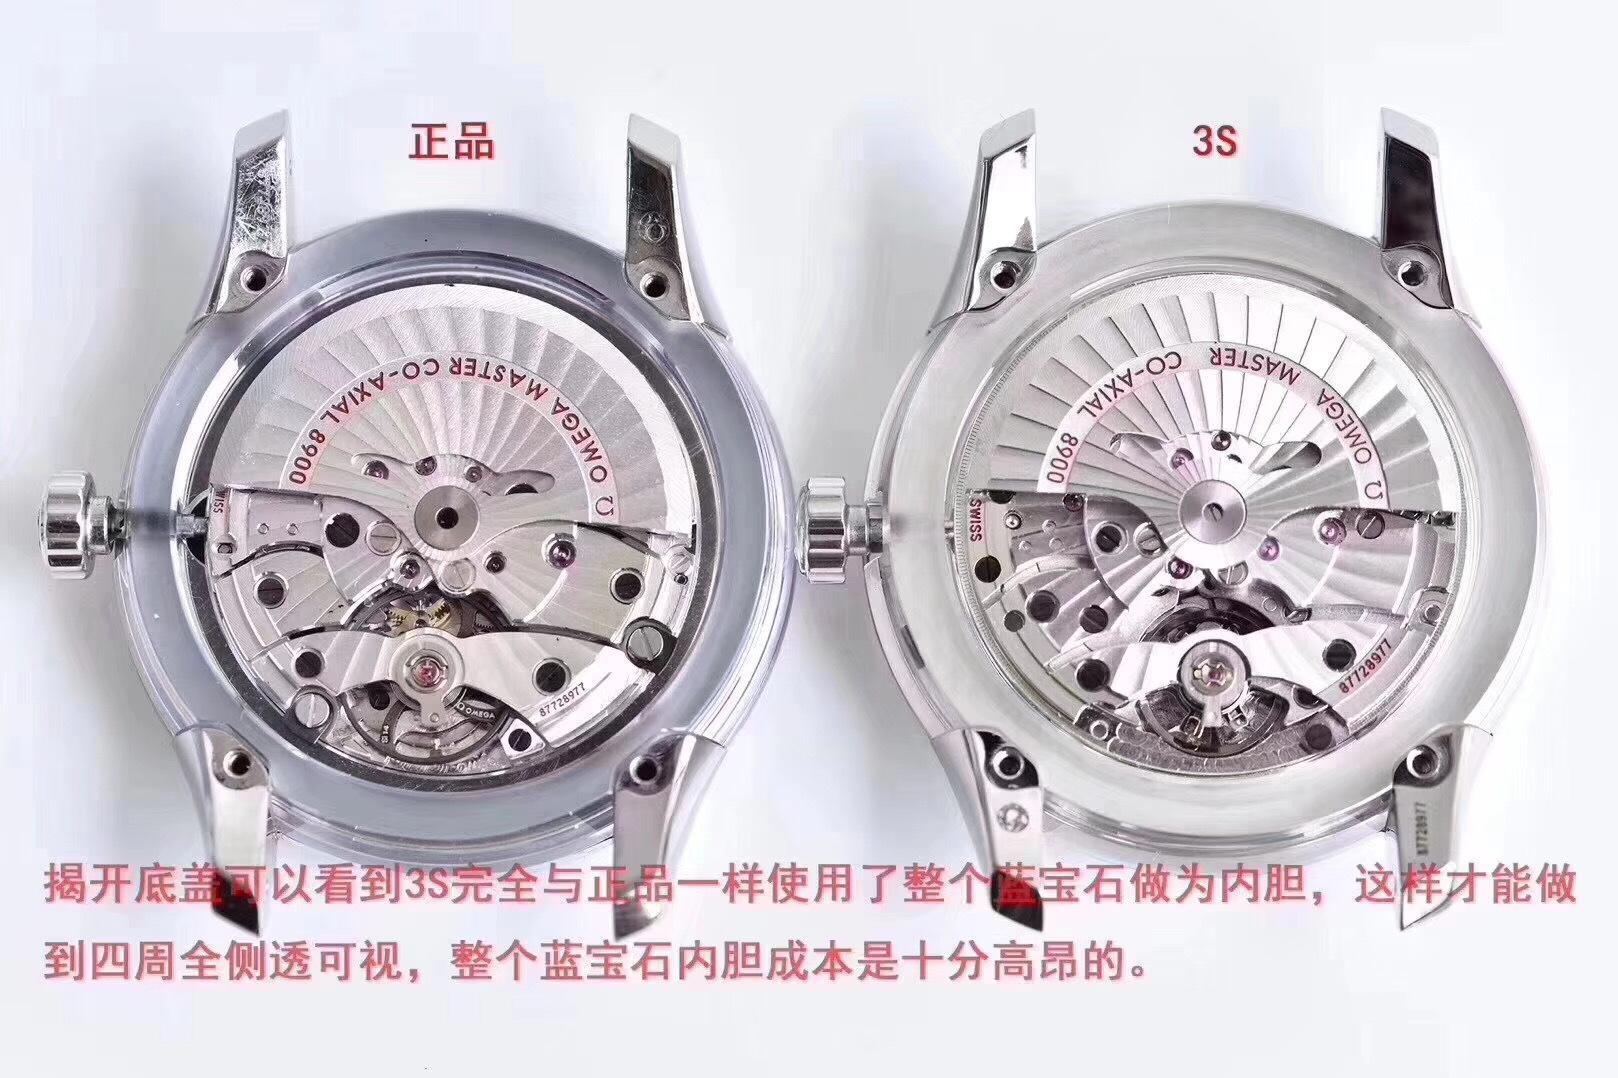 明亮之蓝之前有V6在生产,要说V6做的不算差,然而SSS在此基础上推出了V2的升级版,对一些小细节进行了改动加强,下面给大家介绍这只手表在哪些方面做了些改动。